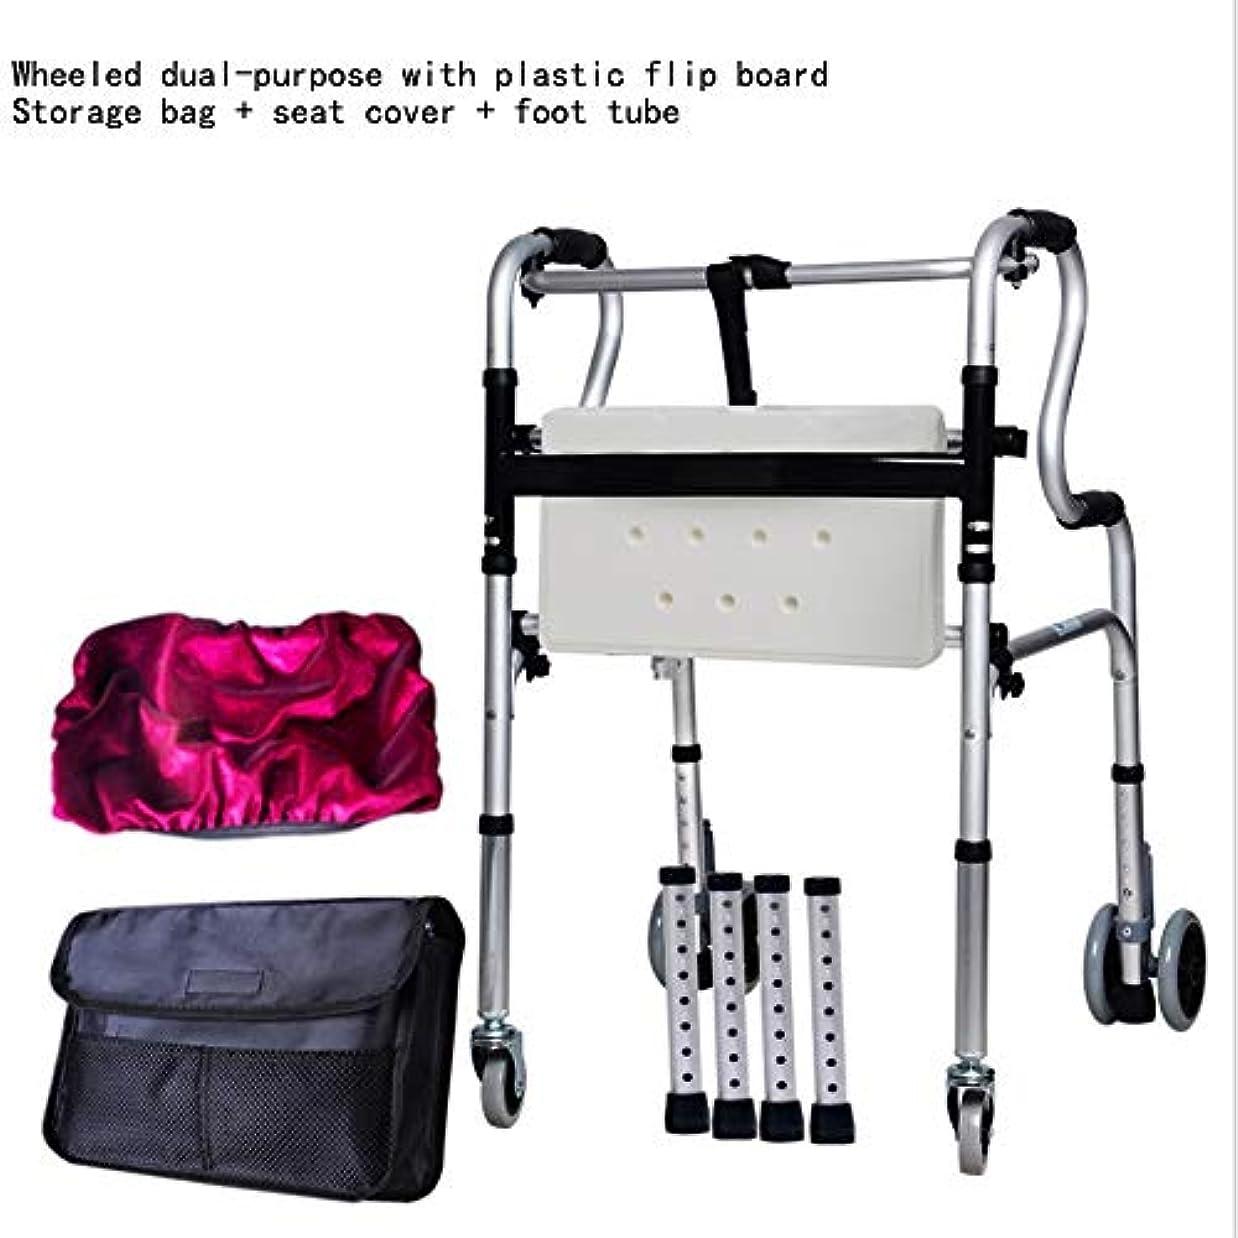 痛み維持成功する滑車付き歩行補助器具、高齢者用および負傷者用シート付き折りたたみ式四輪歩行フレーム (Color : 白)